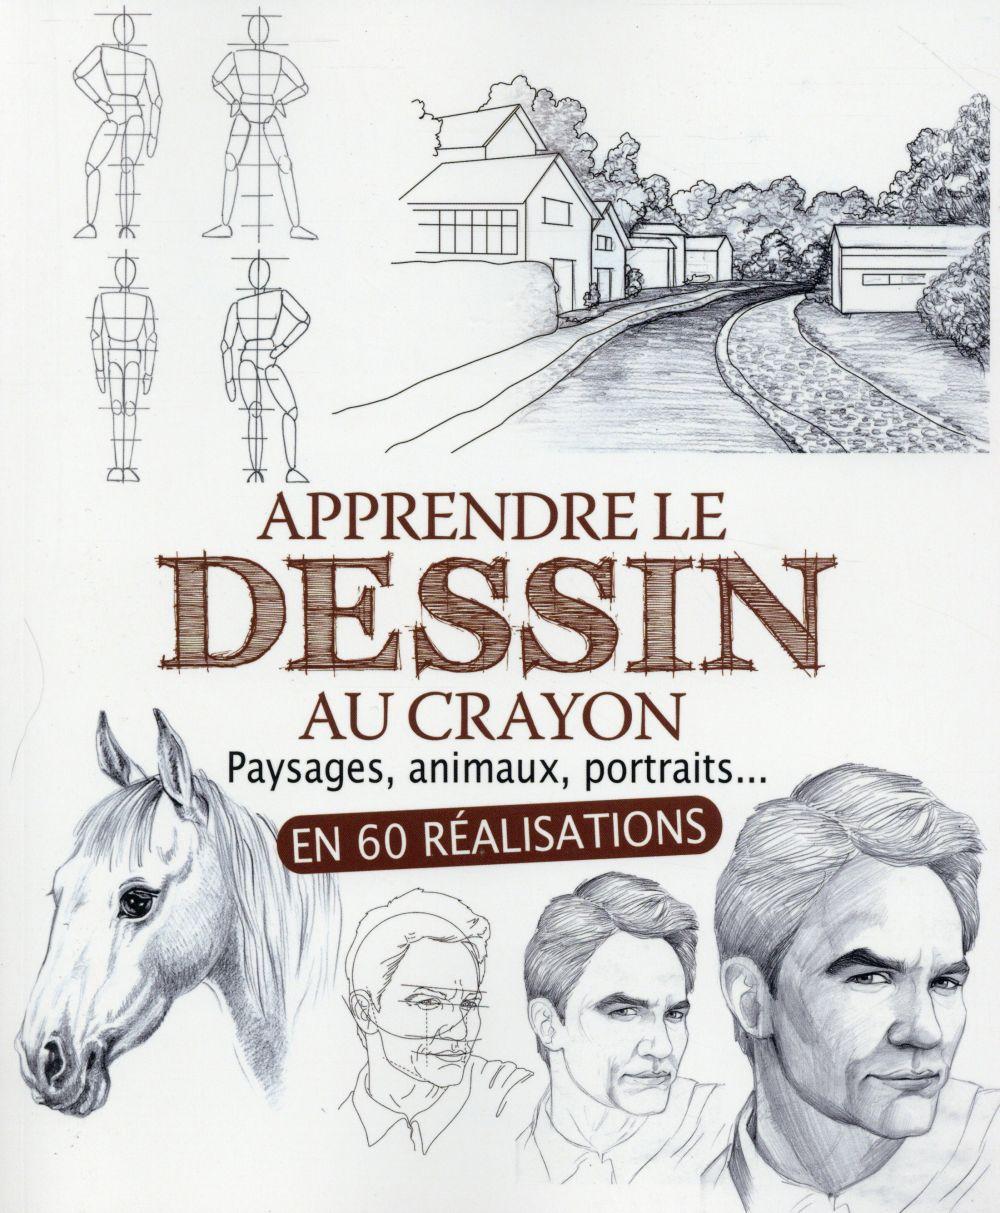 APPRENDRE LE DESSIN AU CRAYON EN 60 REALISATIONS